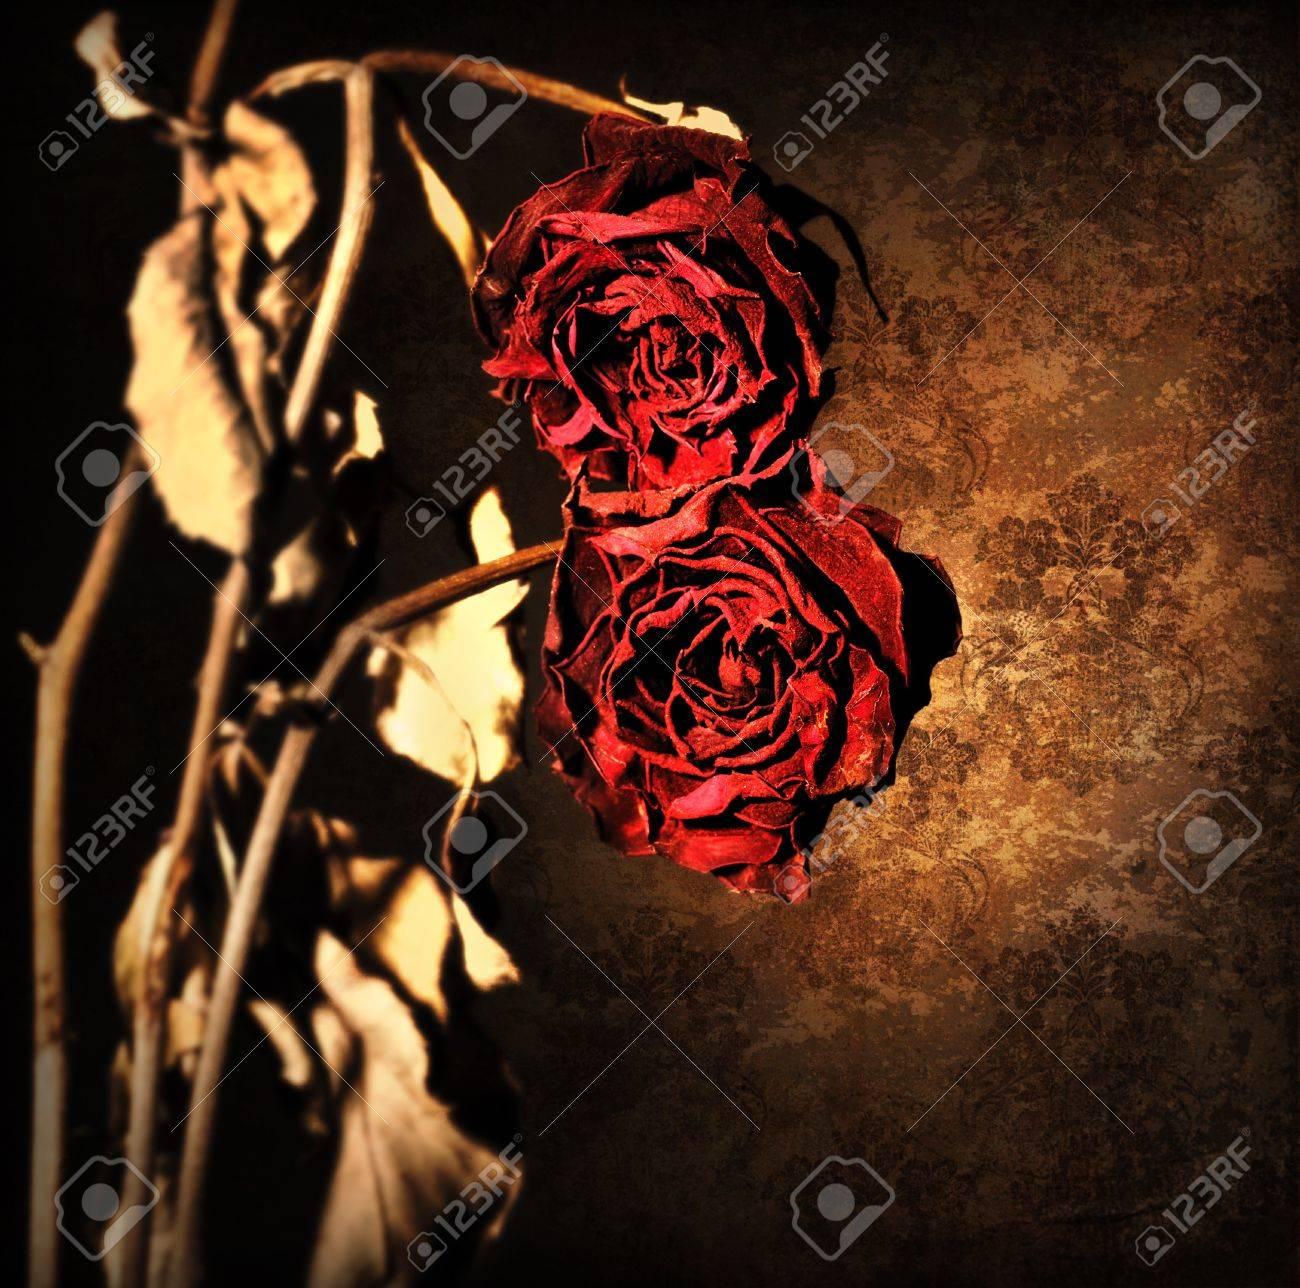 グランジしおれたバラ暗い古い壁紙背景上 花は赤い枠と乾燥花 レトロ